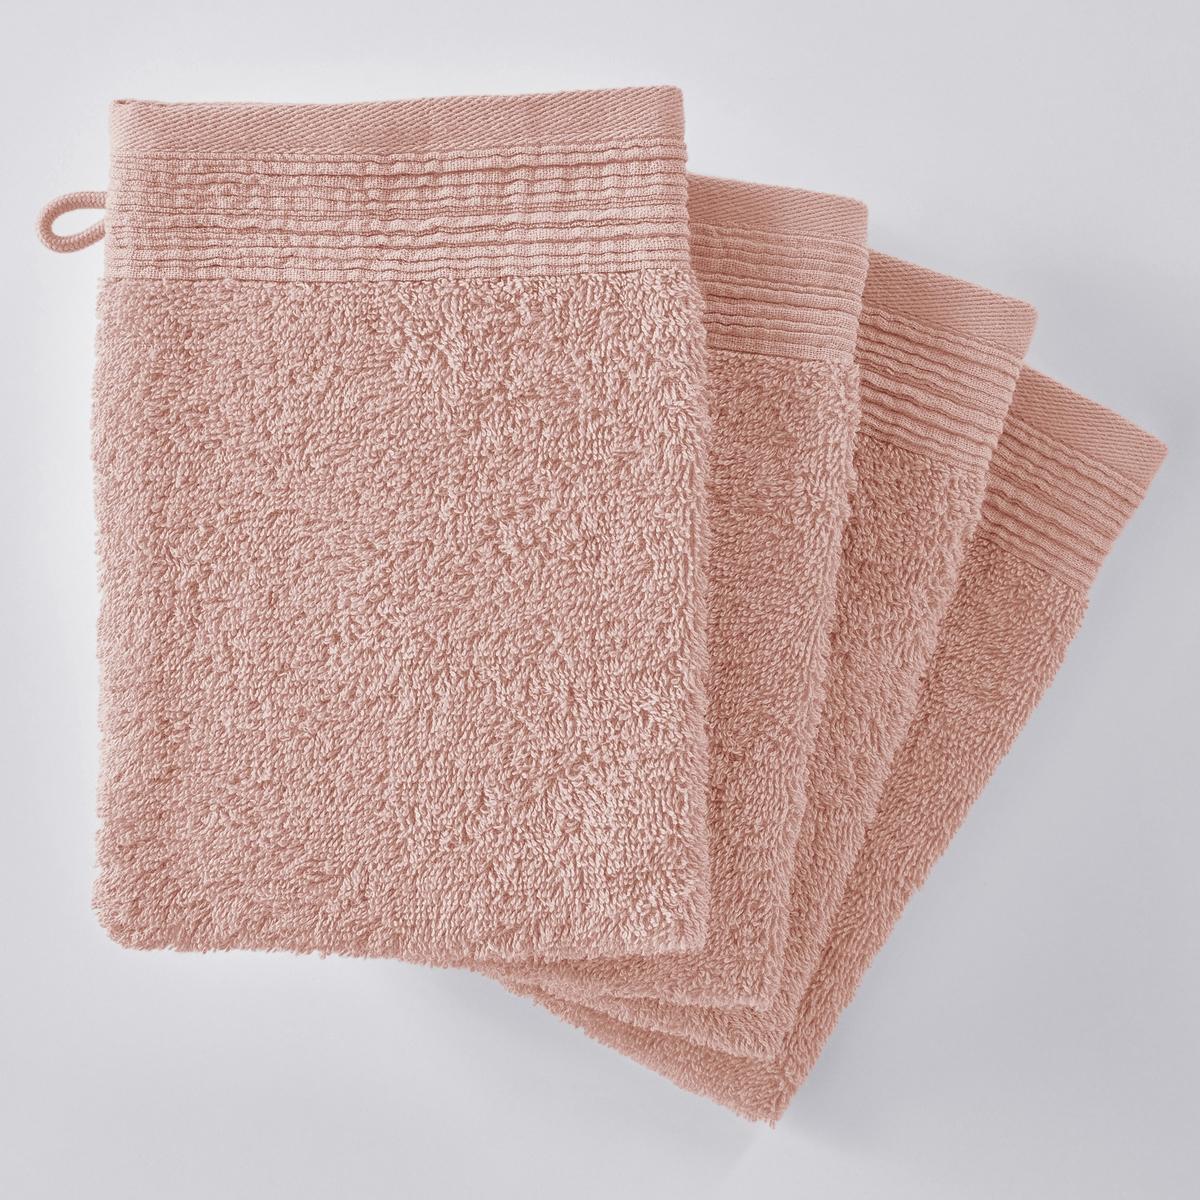 Комплект из 4 однотонных махровых банных рукавичек из биохлопкаОписание:Комплект из 4 однотонных махровых банных рукавичек из биохлопка : очень мягкое и приятное наощупь. Биохлопок сохраняет окружающую среду и здоровье людей, возделывающих его.   Характеристики банных рукавичек однотонных из био-хлопка :- Махровая ткань, 100% биохлопок (500 г/м?) отличного качества.- Отделка плиссированной кромкой.- Машинная стирка при 60 °С.- Машинная сушка.- Замечательная износоустойчивость, сохраняет мягкость и яркость окраски после многочисленных стирок.- Размеры одной рукавички : - 15 x 21 см.- В комплекте 4 рукавички.Знак Oeko-Tex® гарантирует, что товары прошли проверку и были изготовлены без применения вредных для здоровья человека веществ.<br><br>Цвет: желтый кукурузный,кирпичный,розовая пудра